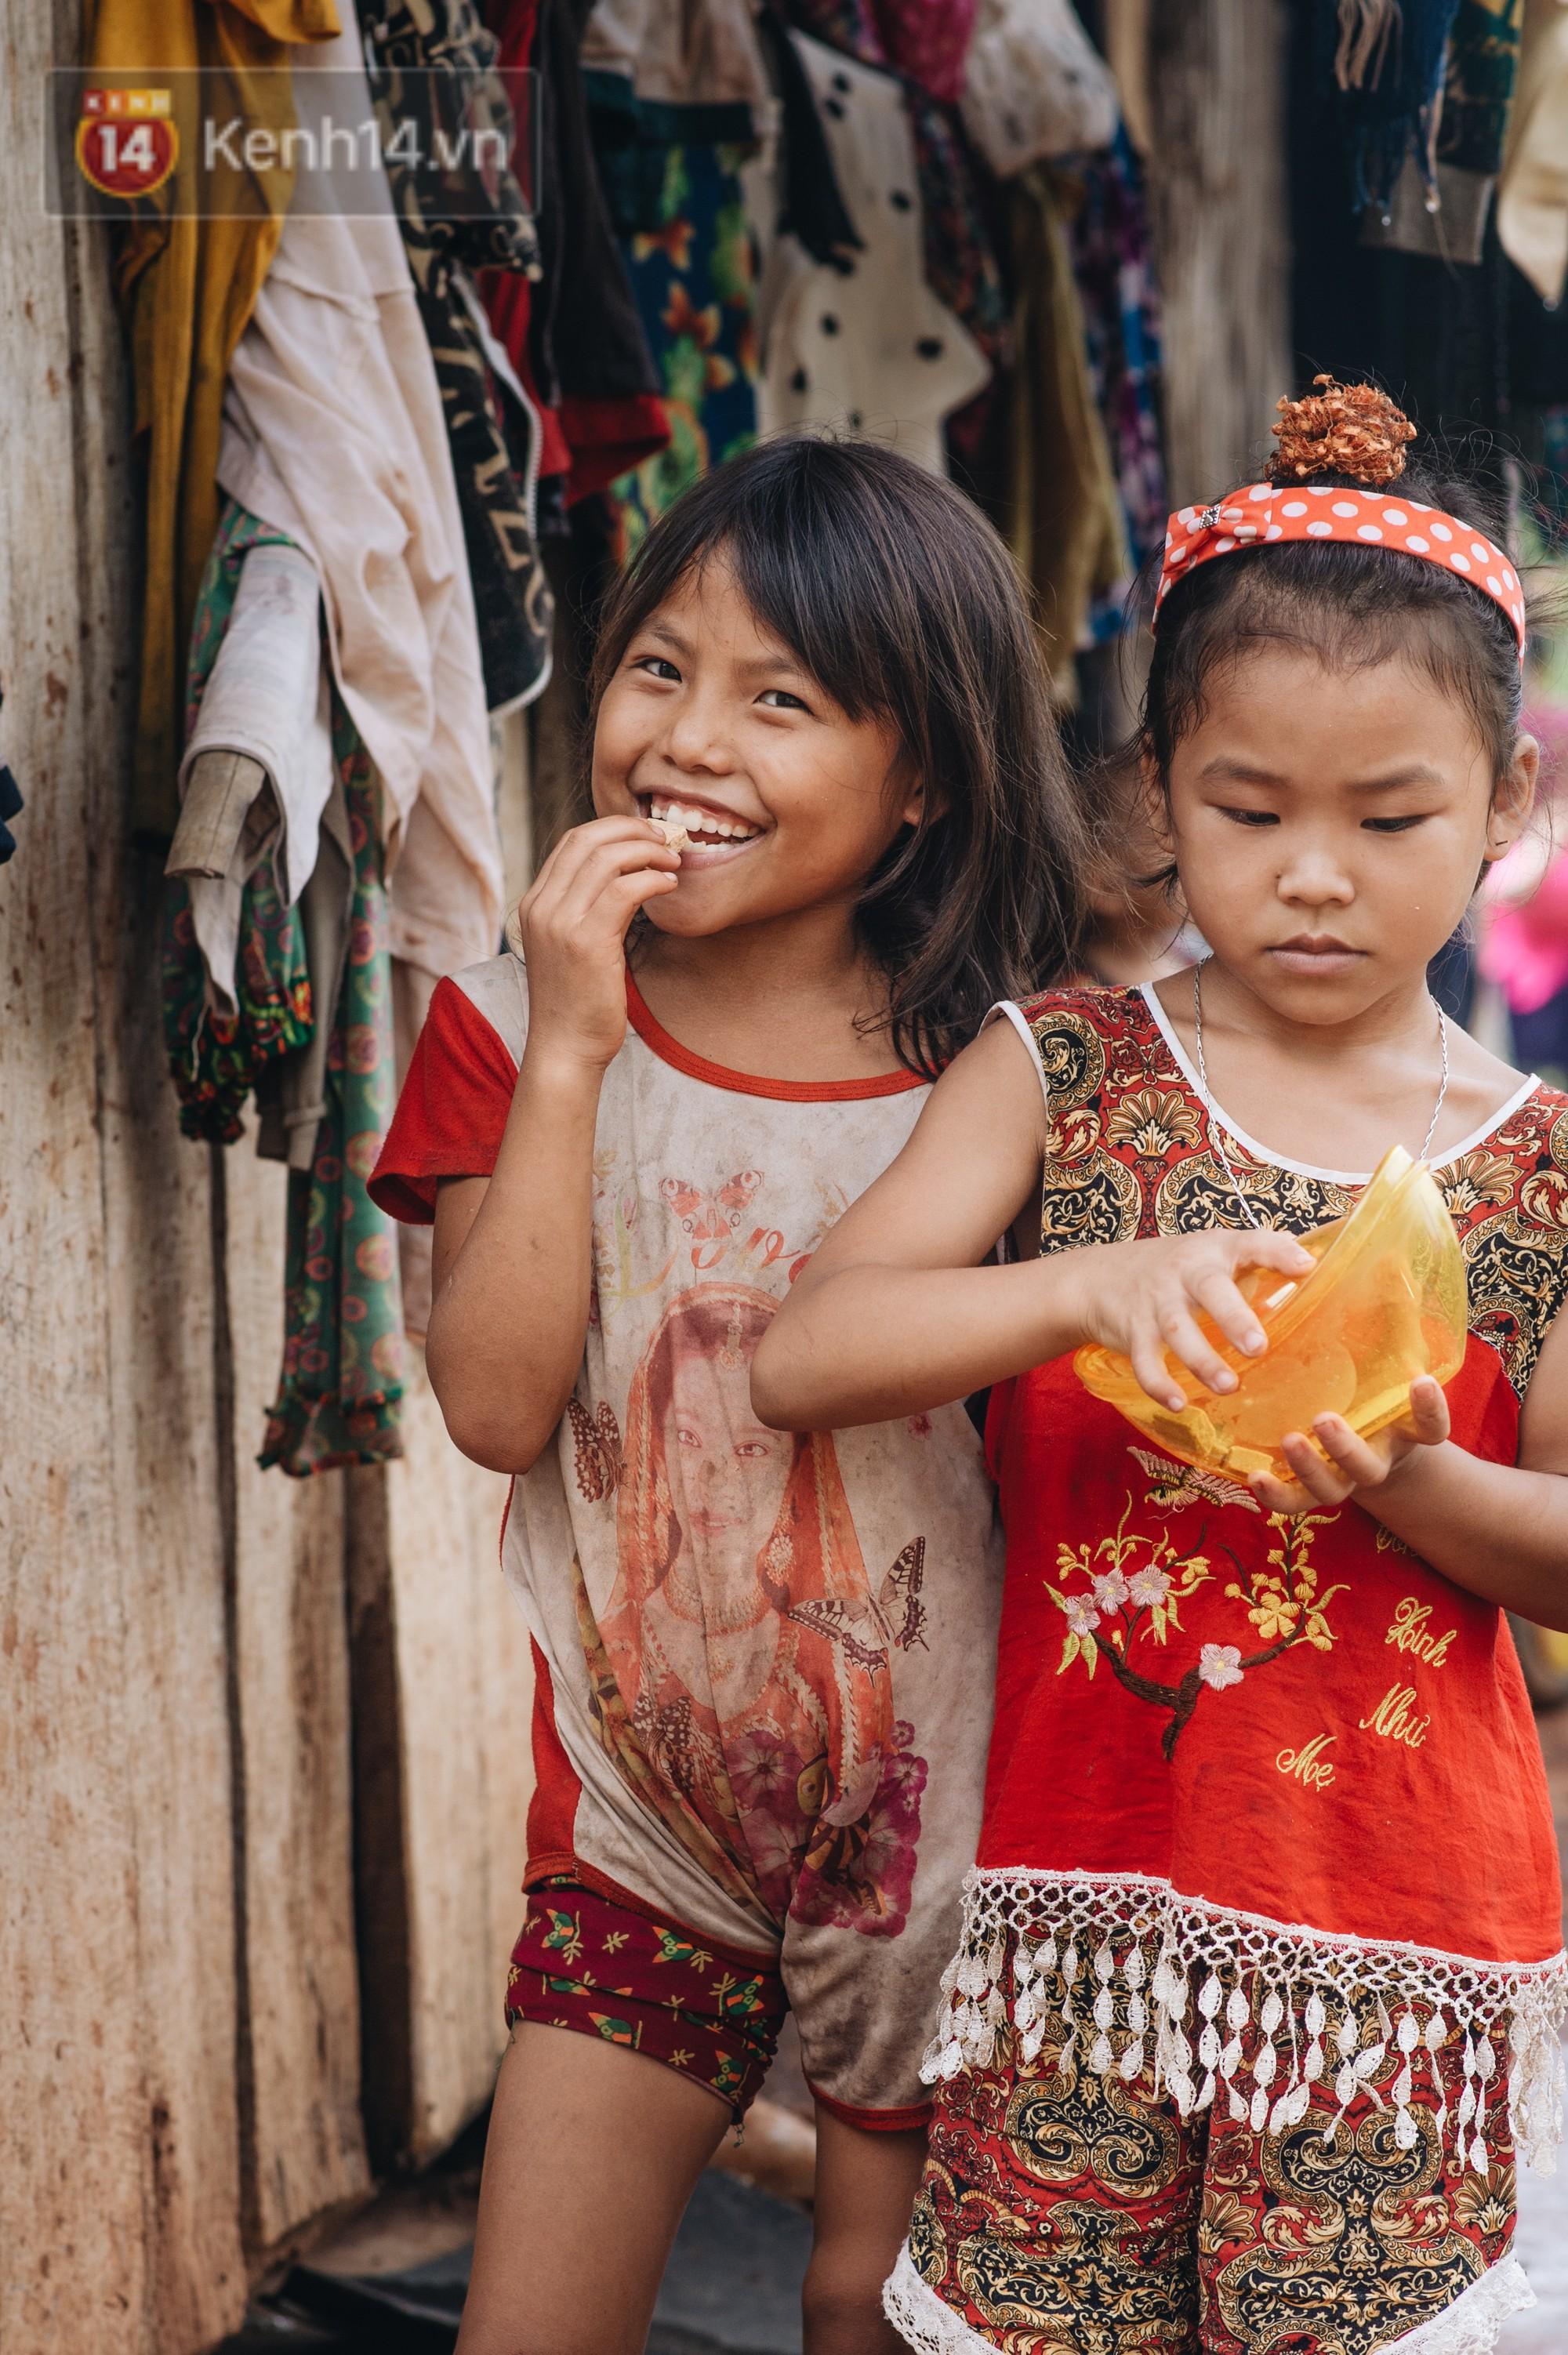 Ánh mắt kiên cường và nụ cười hồn nhiên của trẻ em Hà Giang sau trận lũ đau thương khiến 5 người chết, hàng trăm ngôi nhà đổ nát - Ảnh 8.